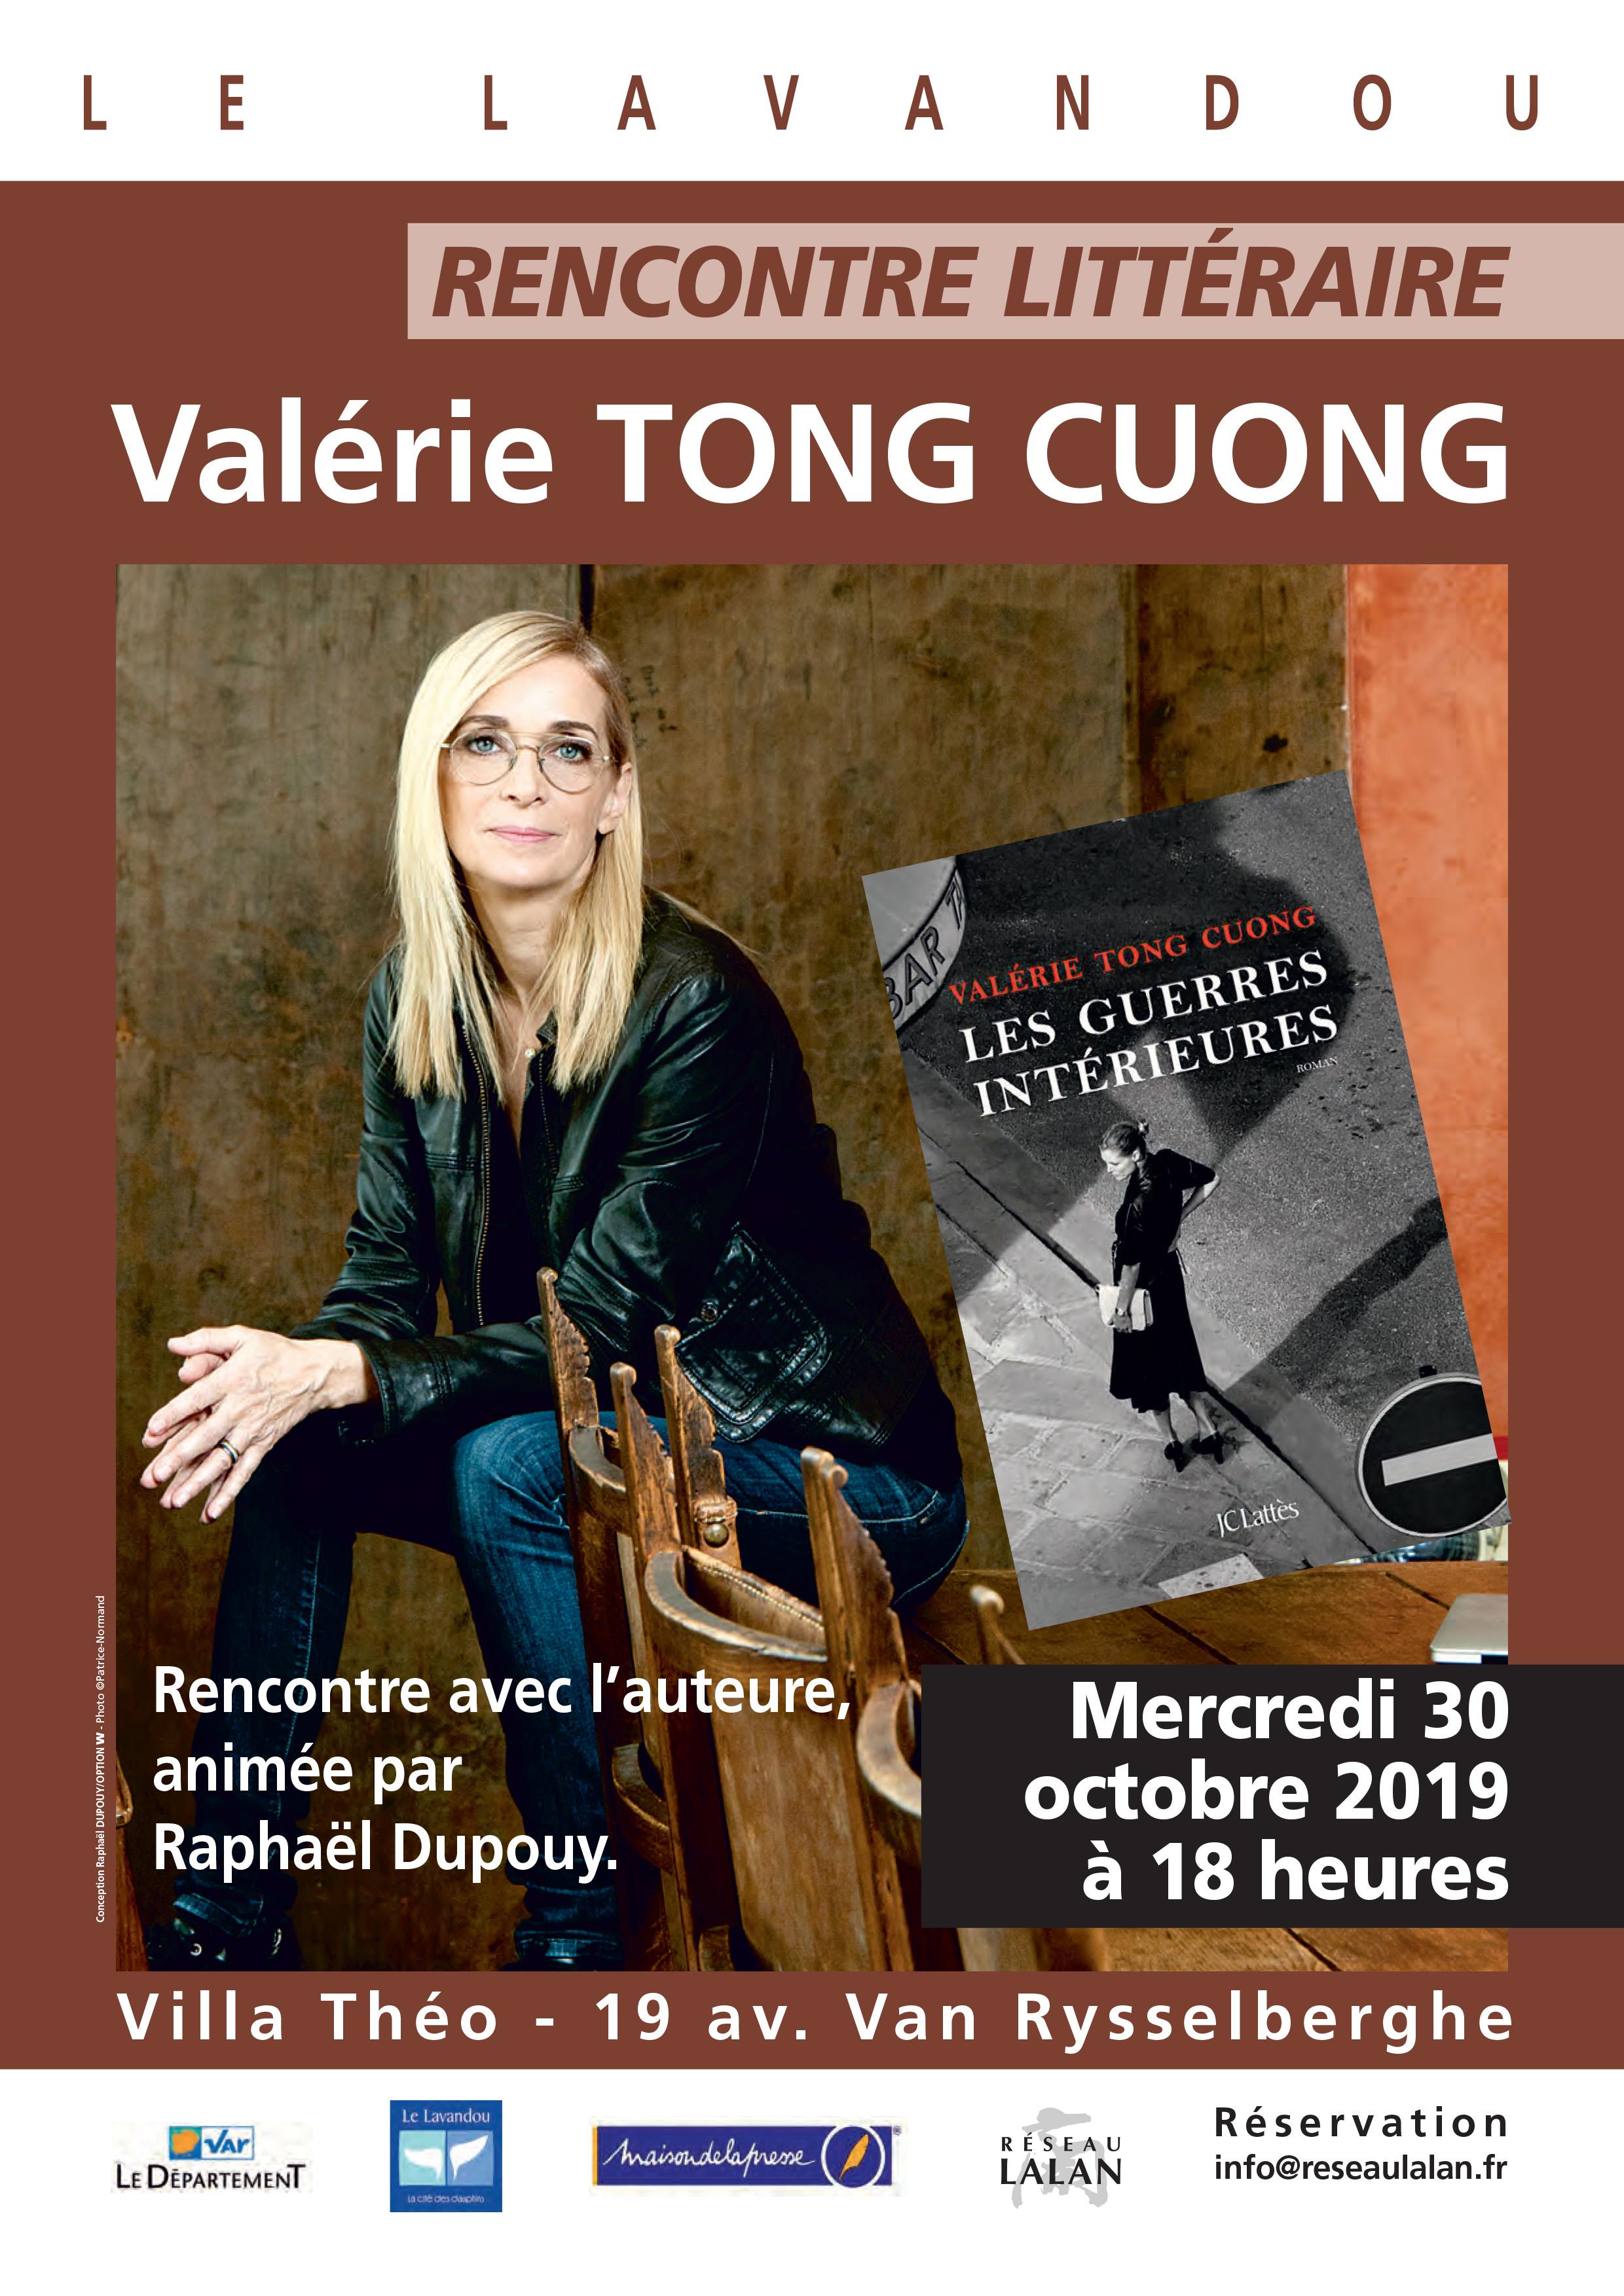 Valérie Tong Cuong à la Villa Théo